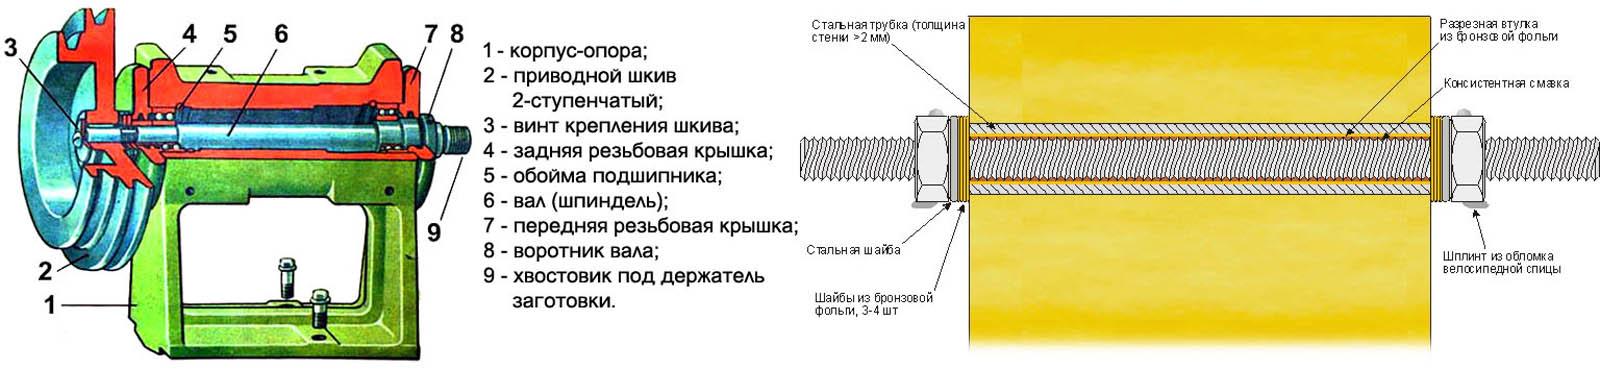 Устройство типовой и самодельной передних бабок токарного станка по дереву